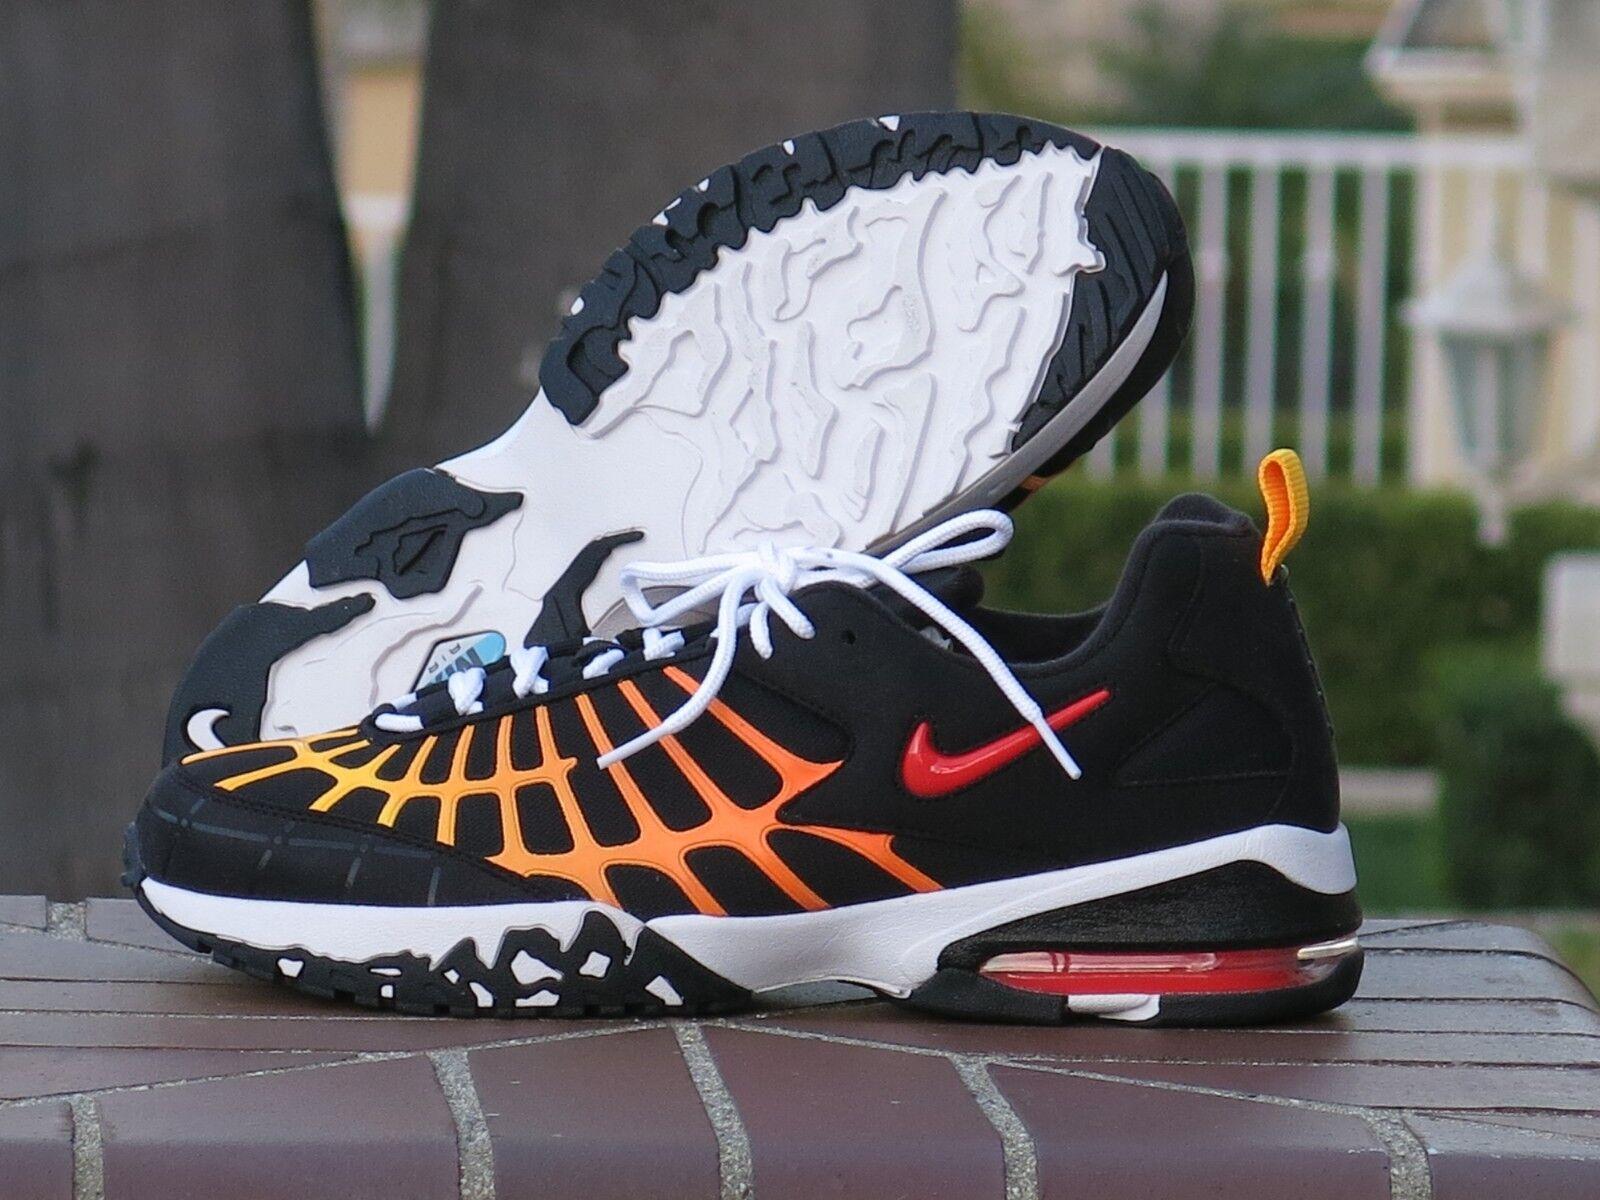 Nike Air Max 120 Men's Running, Cross Training Sneakers 819857-003